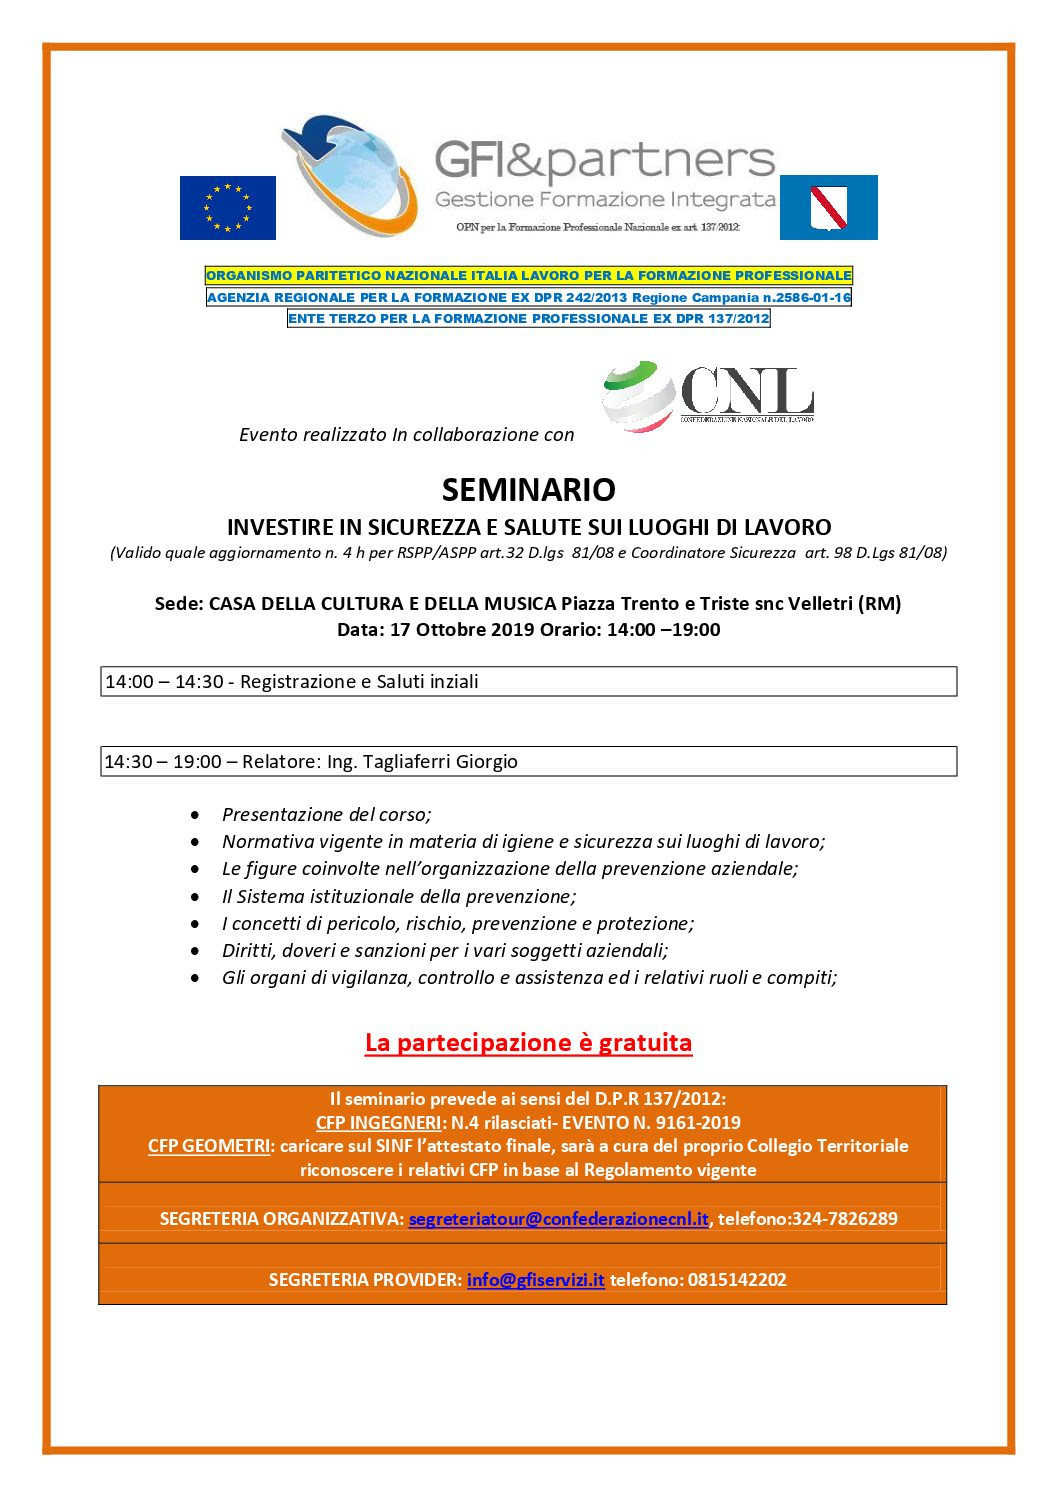 Seminari gratuiti con rilascio di Crediti Formativi Professionali  per Ingegneri e Geometri